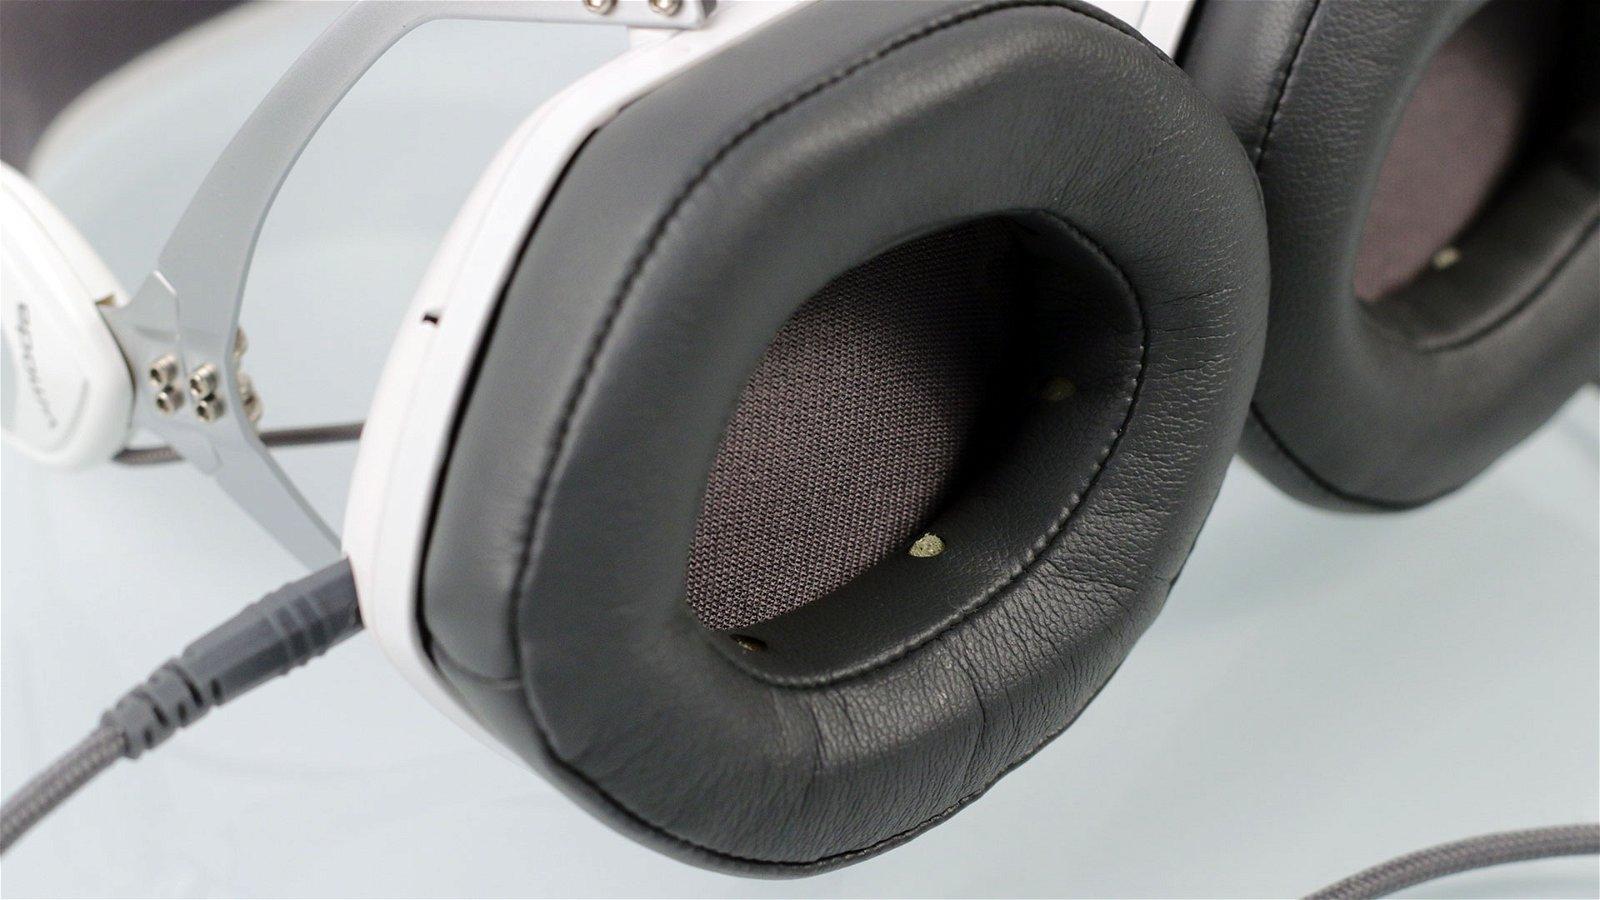 V-Moda Crossfade 2 Headphones Review 3